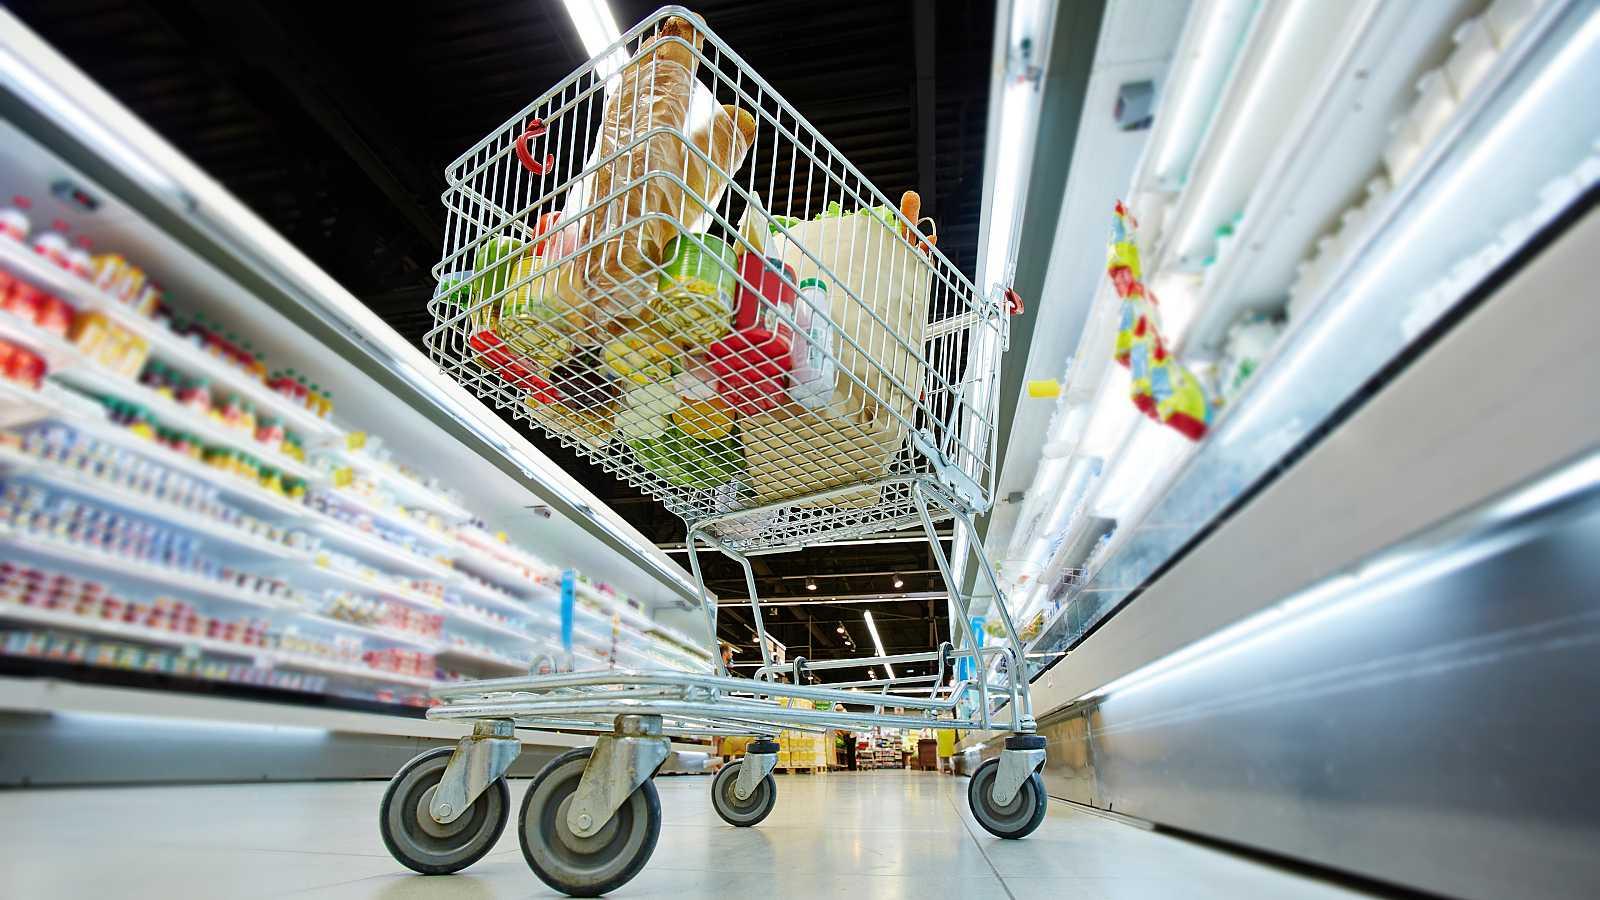 Salir a la calle para hacer la compra es una de las pocas actividades permitidas fuera del hogar durante la cuarentena